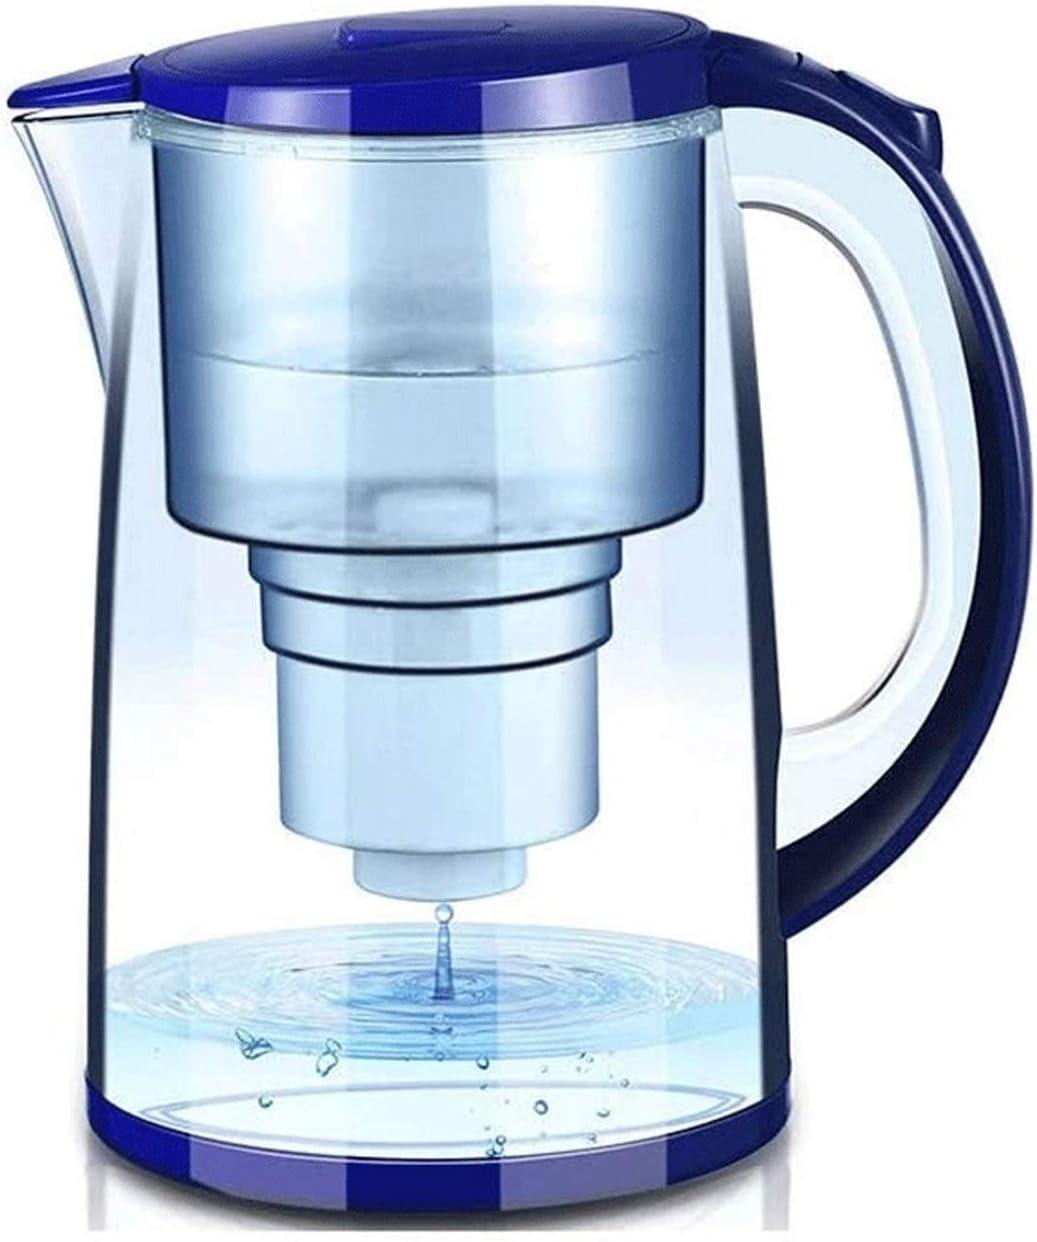 Sdesign Lanzador de Filtro de Agua Fluoruro 3.3L □ Elimina el fluoruro, el Plomo, Las microplásticos: un dispensador de filtrado Ultra por Debajo del Filtro portátil (Size : 1core)